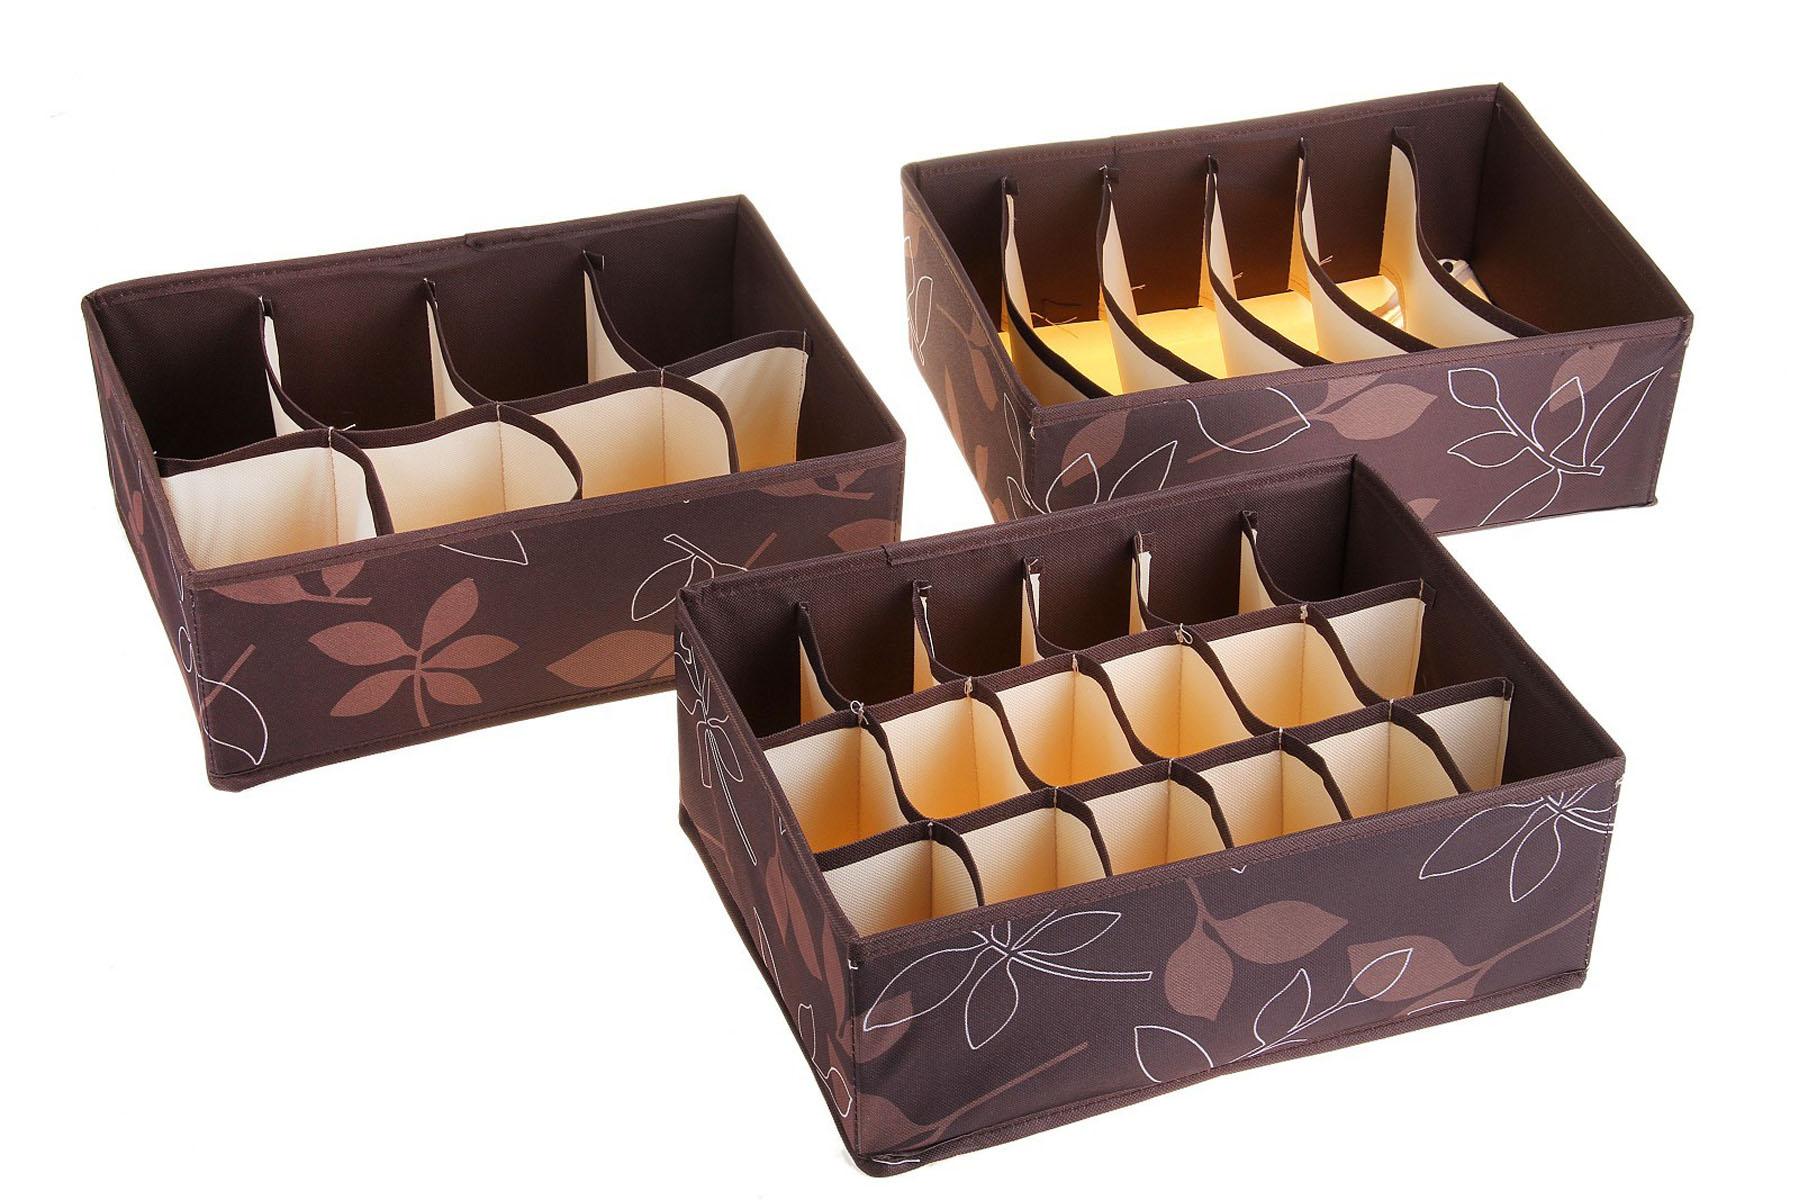 Кофр для мелких вещей Листочки, цвет: коричневый, 32 см х 24 см х 12 см, 3 шт. 760561760561